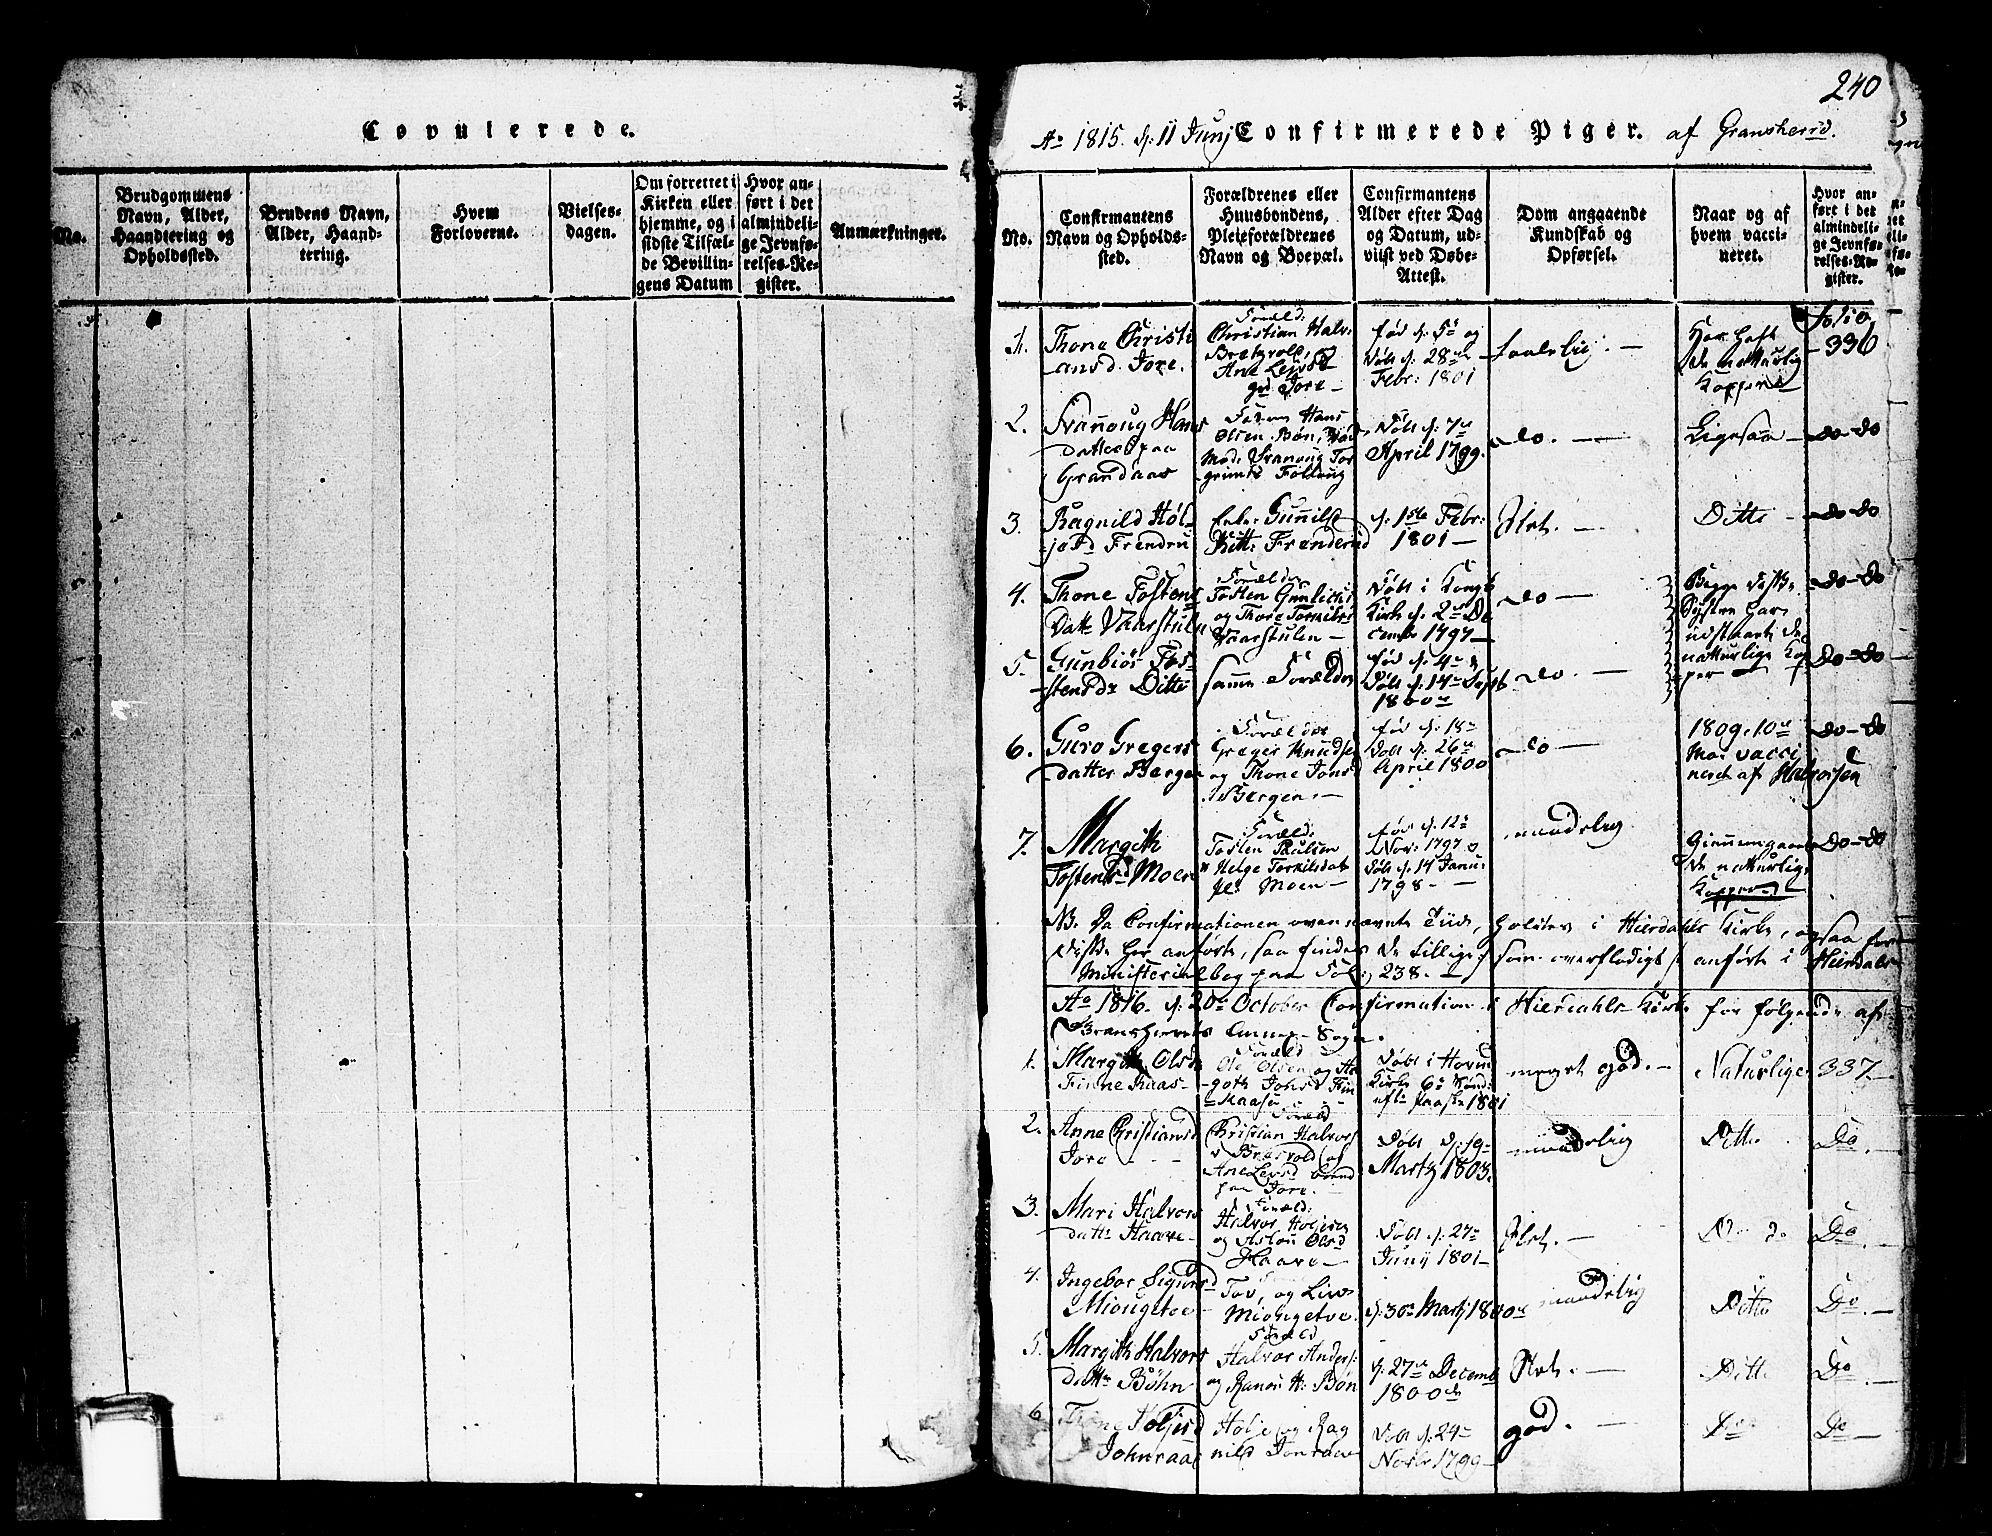 SAKO, Gransherad kirkebøker, F/Fa/L0001: Ministerialbok nr. I 1, 1815-1843, s. 240